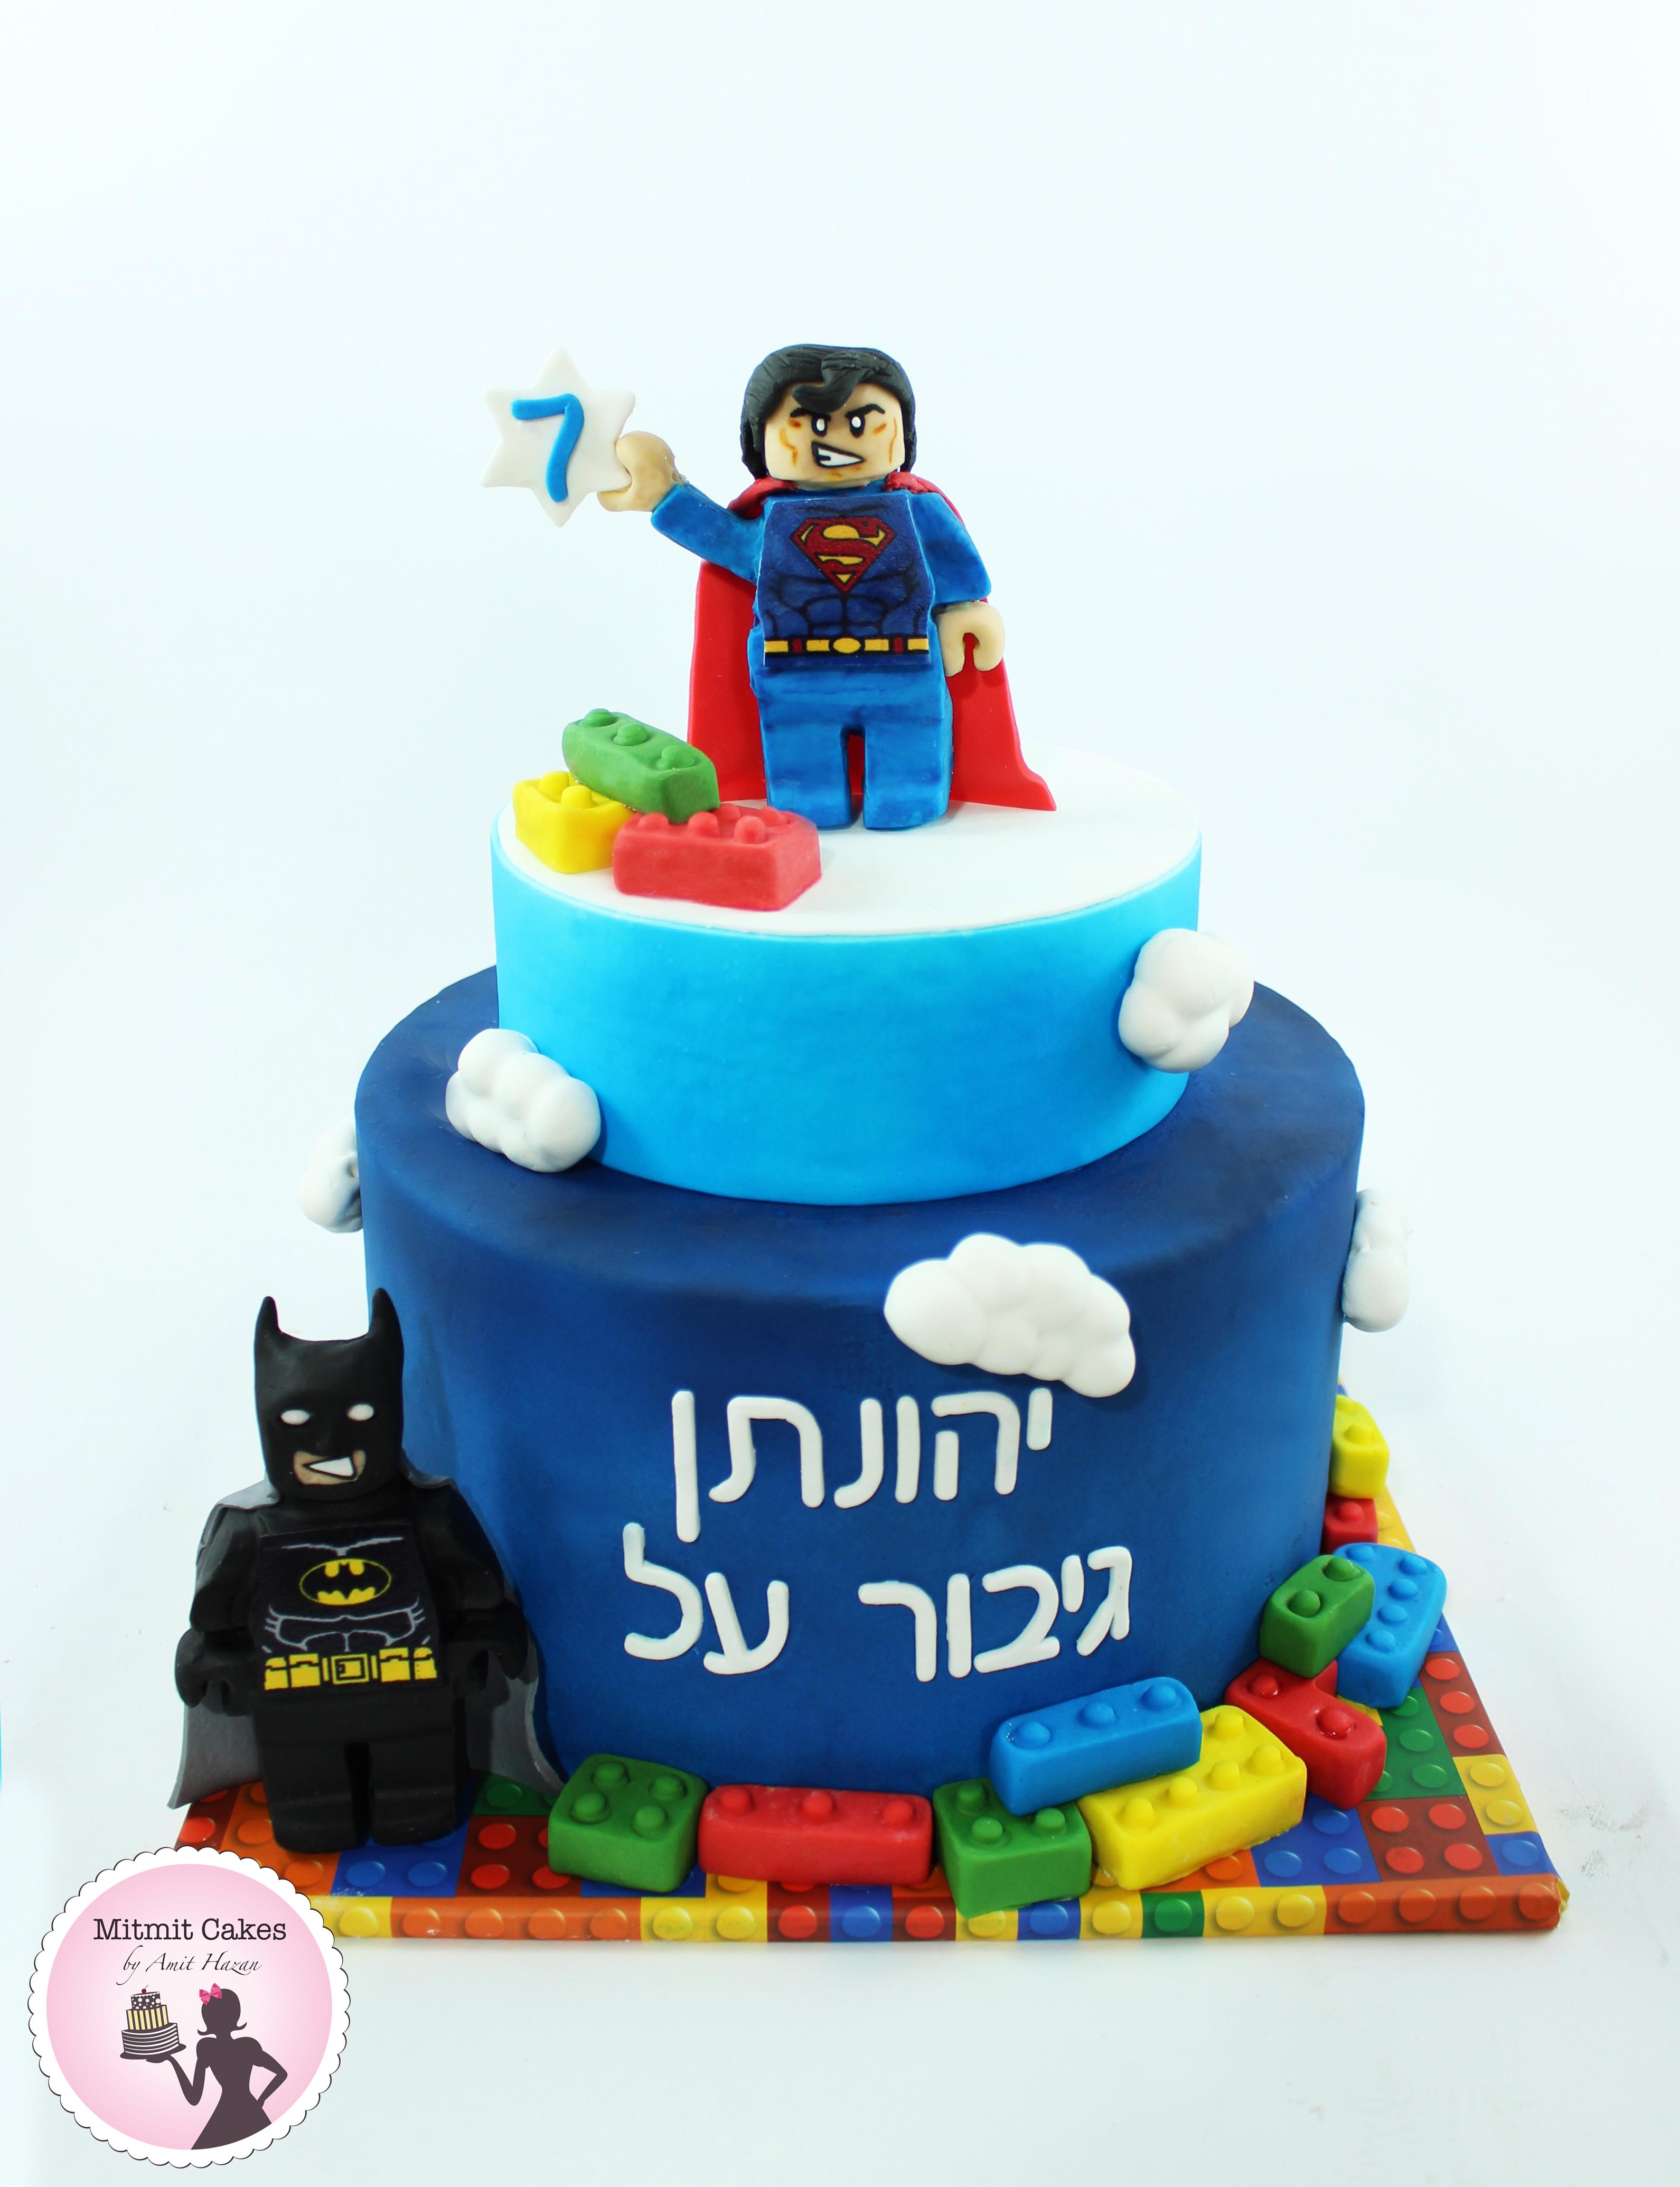 עוגת לגו גיבורי על